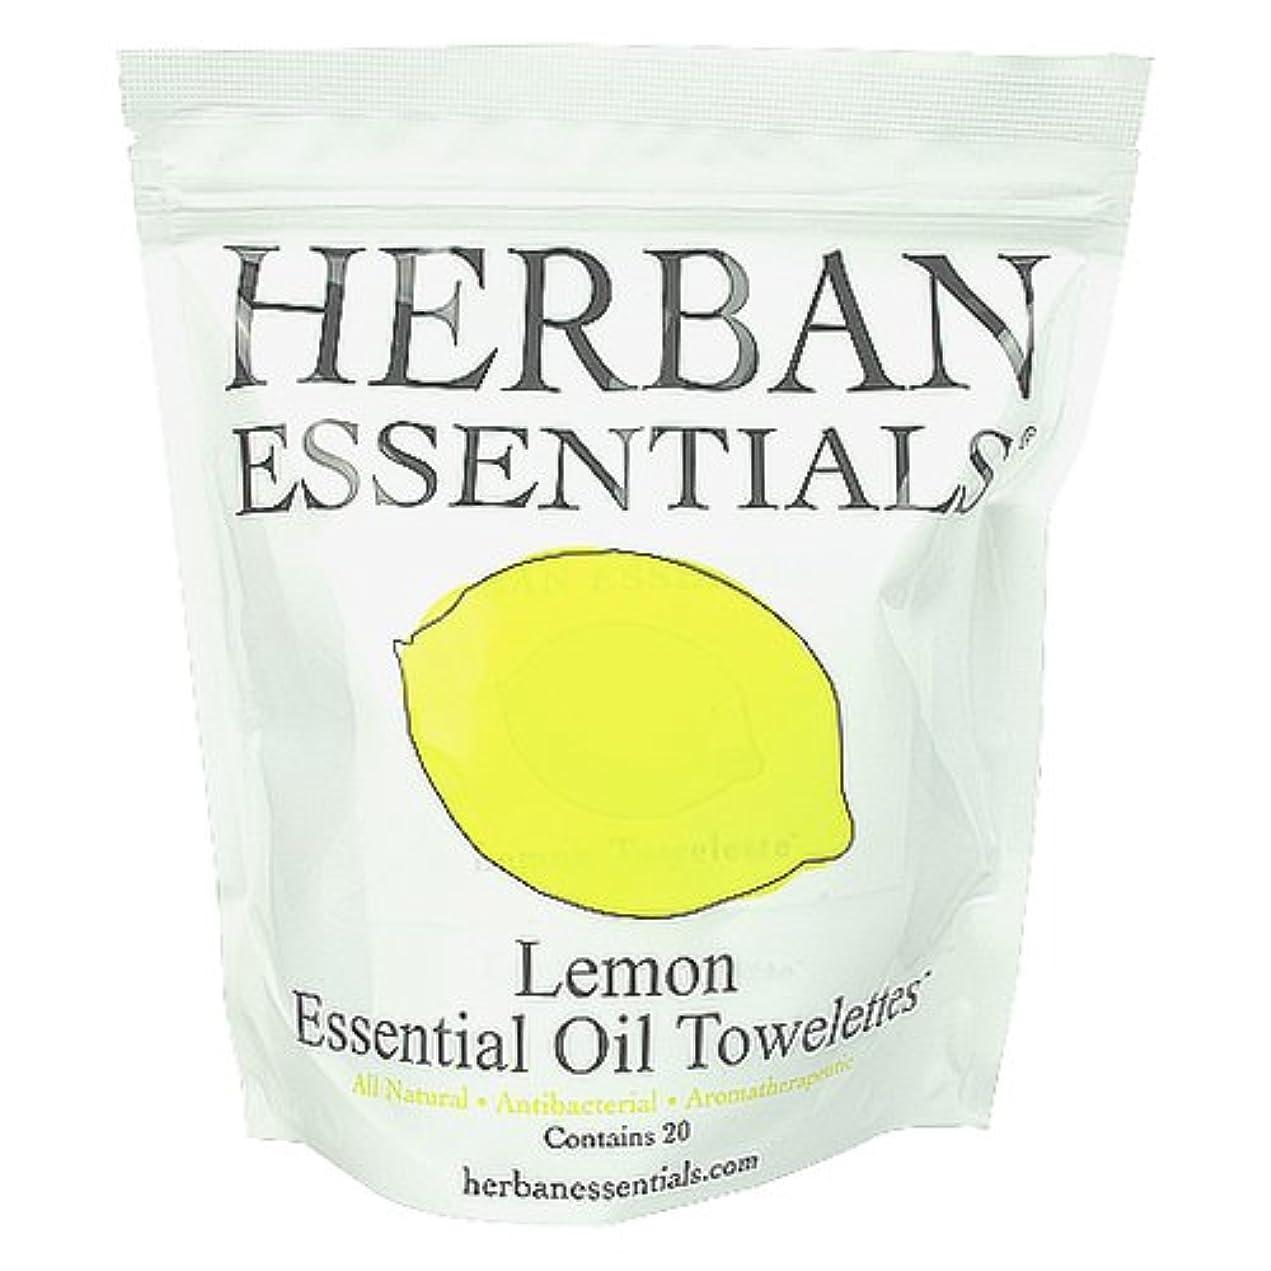 ハーバンエッセンシャルズ HERBAN ESSENTIALS アロマタオル レモン 20包